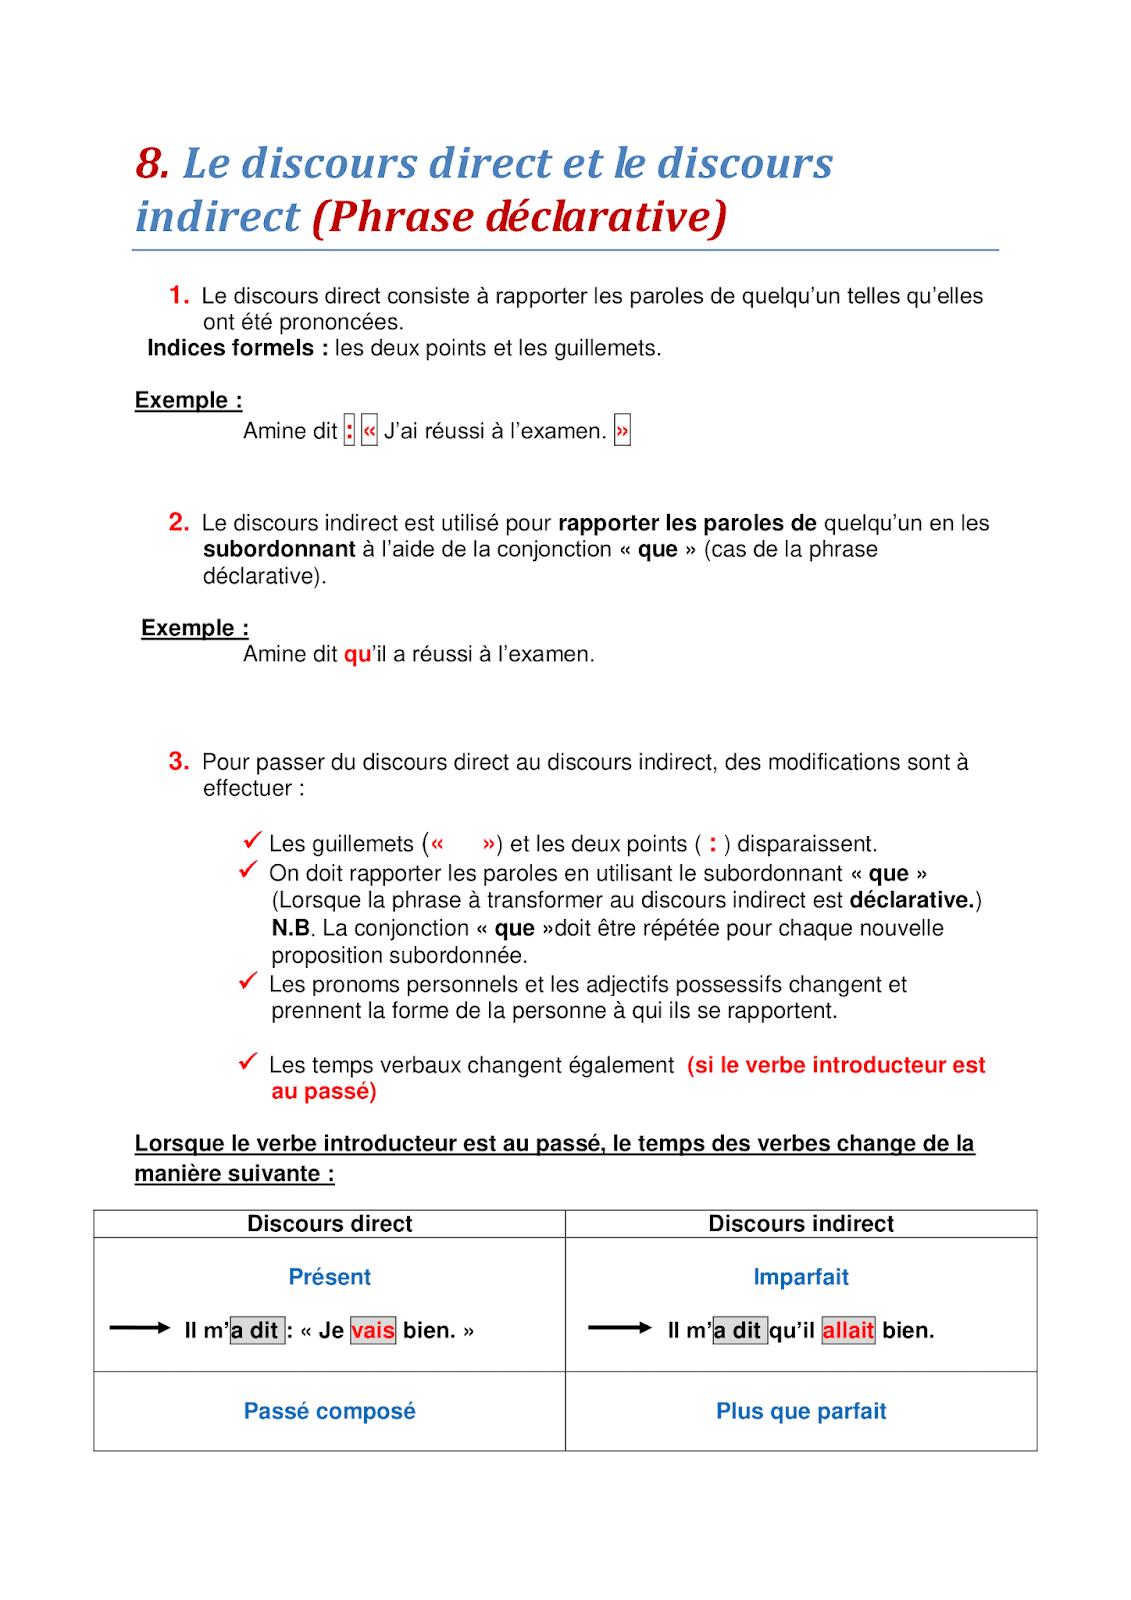 (Le discours direct et le discours indirect (Phrase déclarative